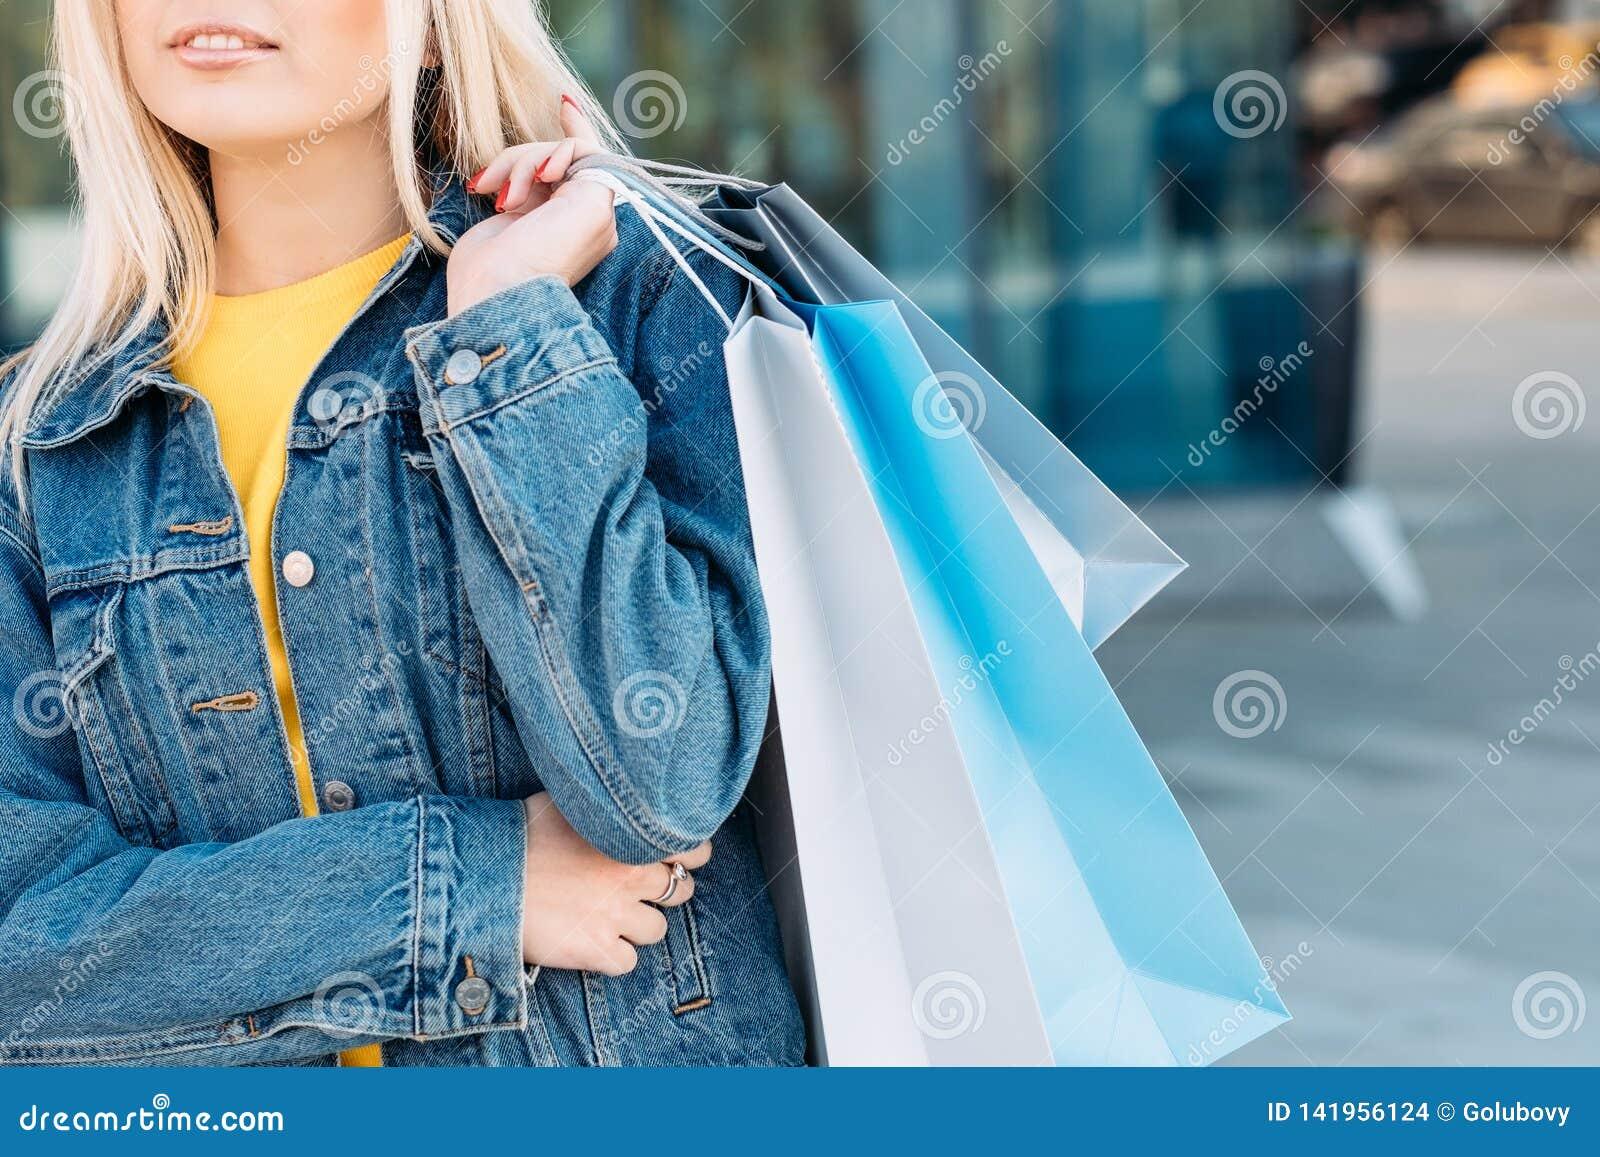 Ξανθές θηλυκές τσάντες χόμπι ελεύθερου χρόνου αγορών γυναικών